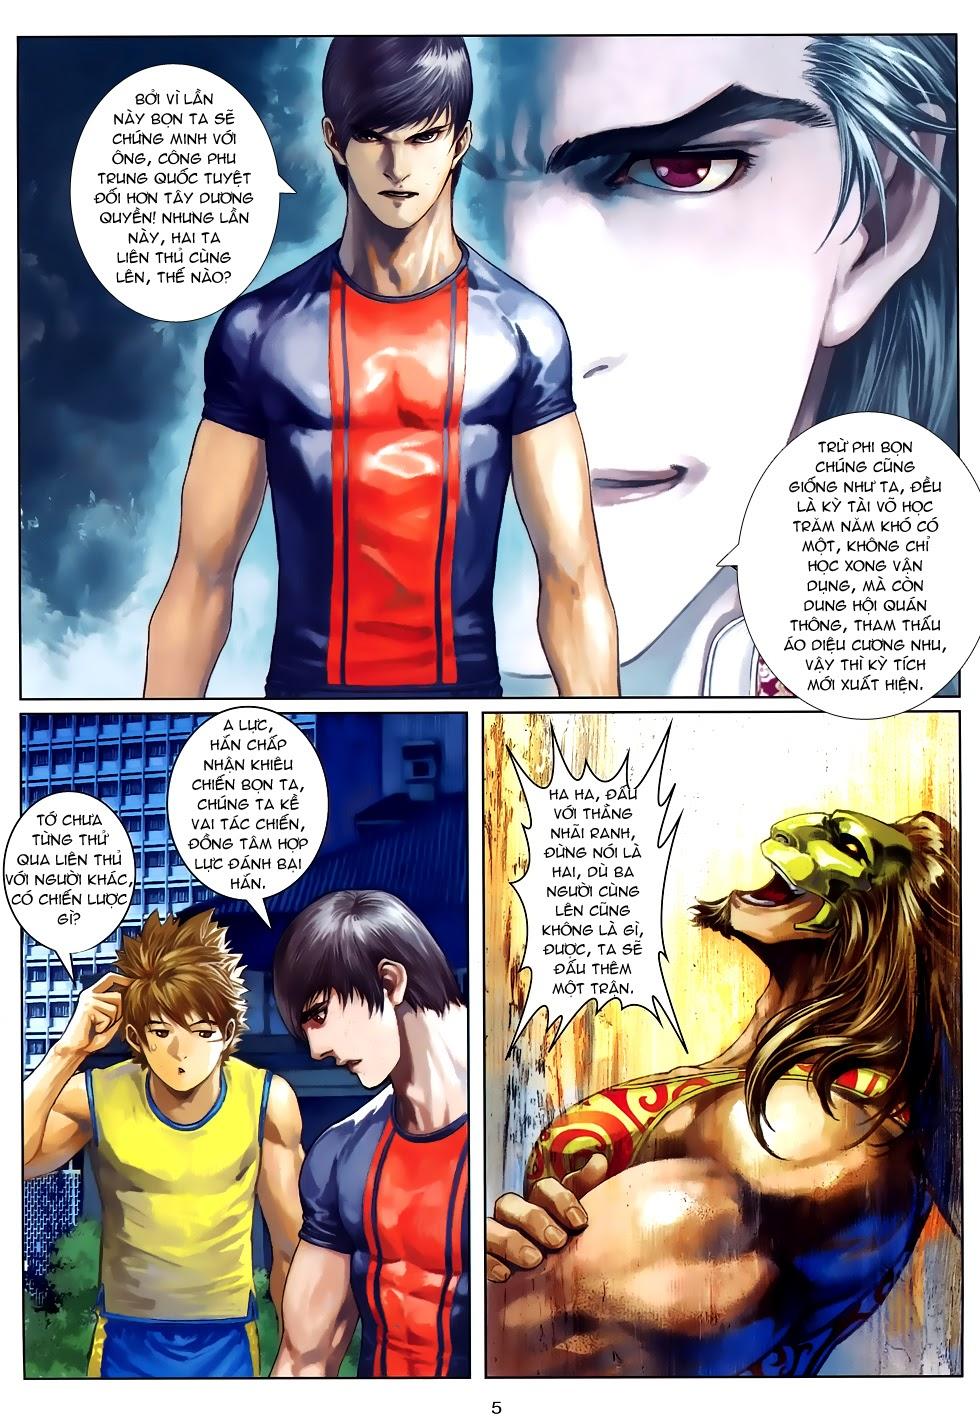 Quyền Đạo chapter 10 trang 5